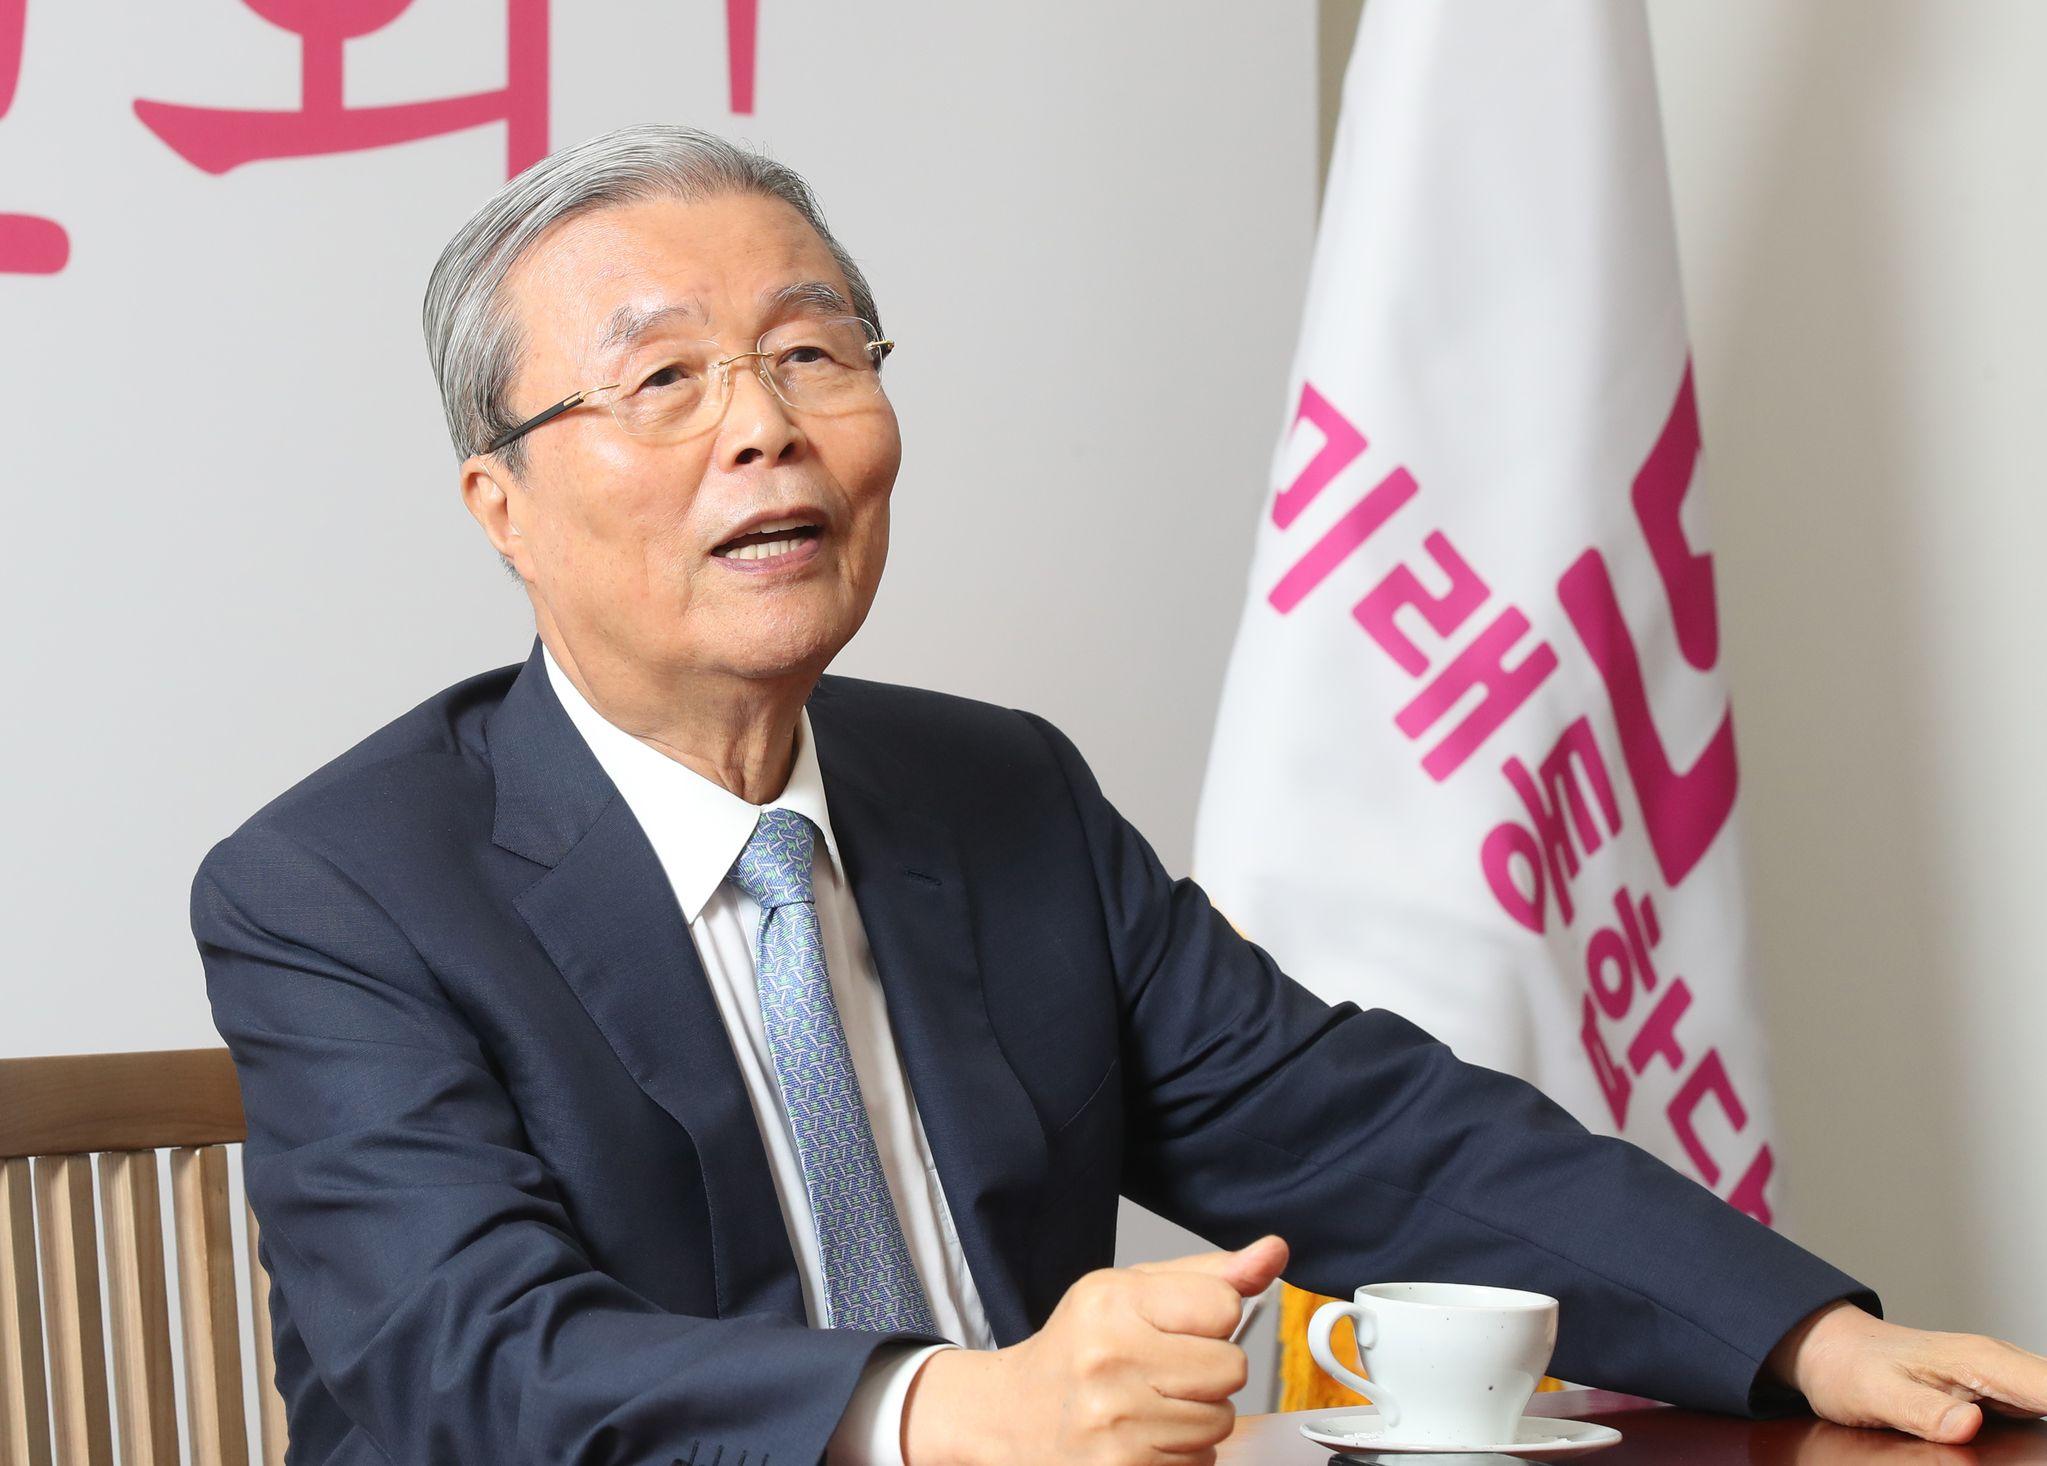 김종인 미래통합당 비대위원장. 중앙포토